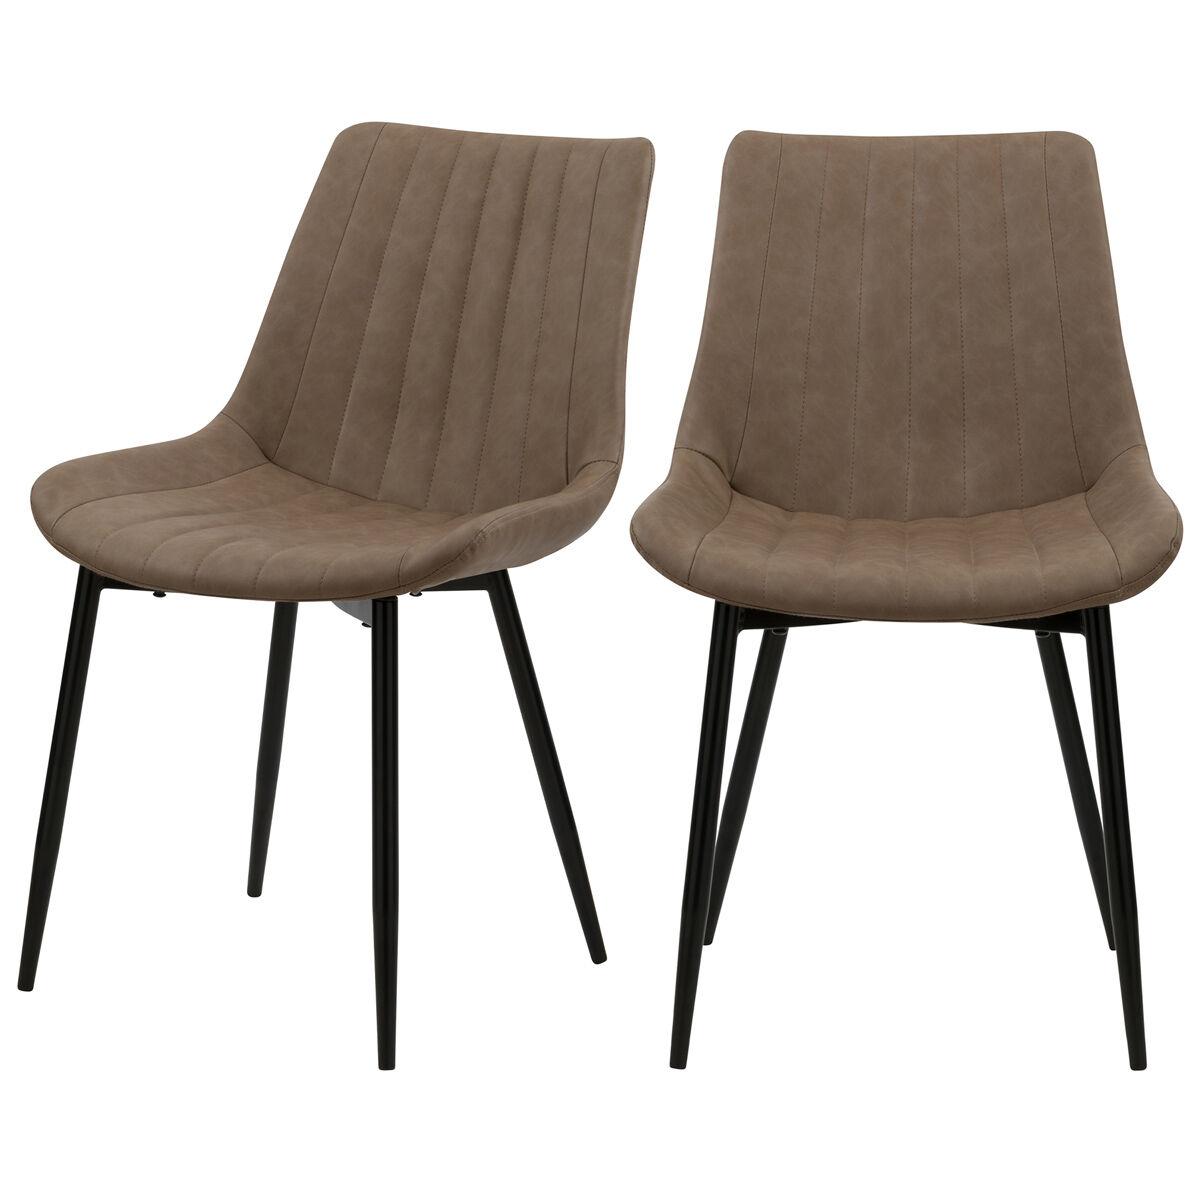 Rendez vous déco Chaise en cuir synthétique taupe et métal noir (lot de 2)